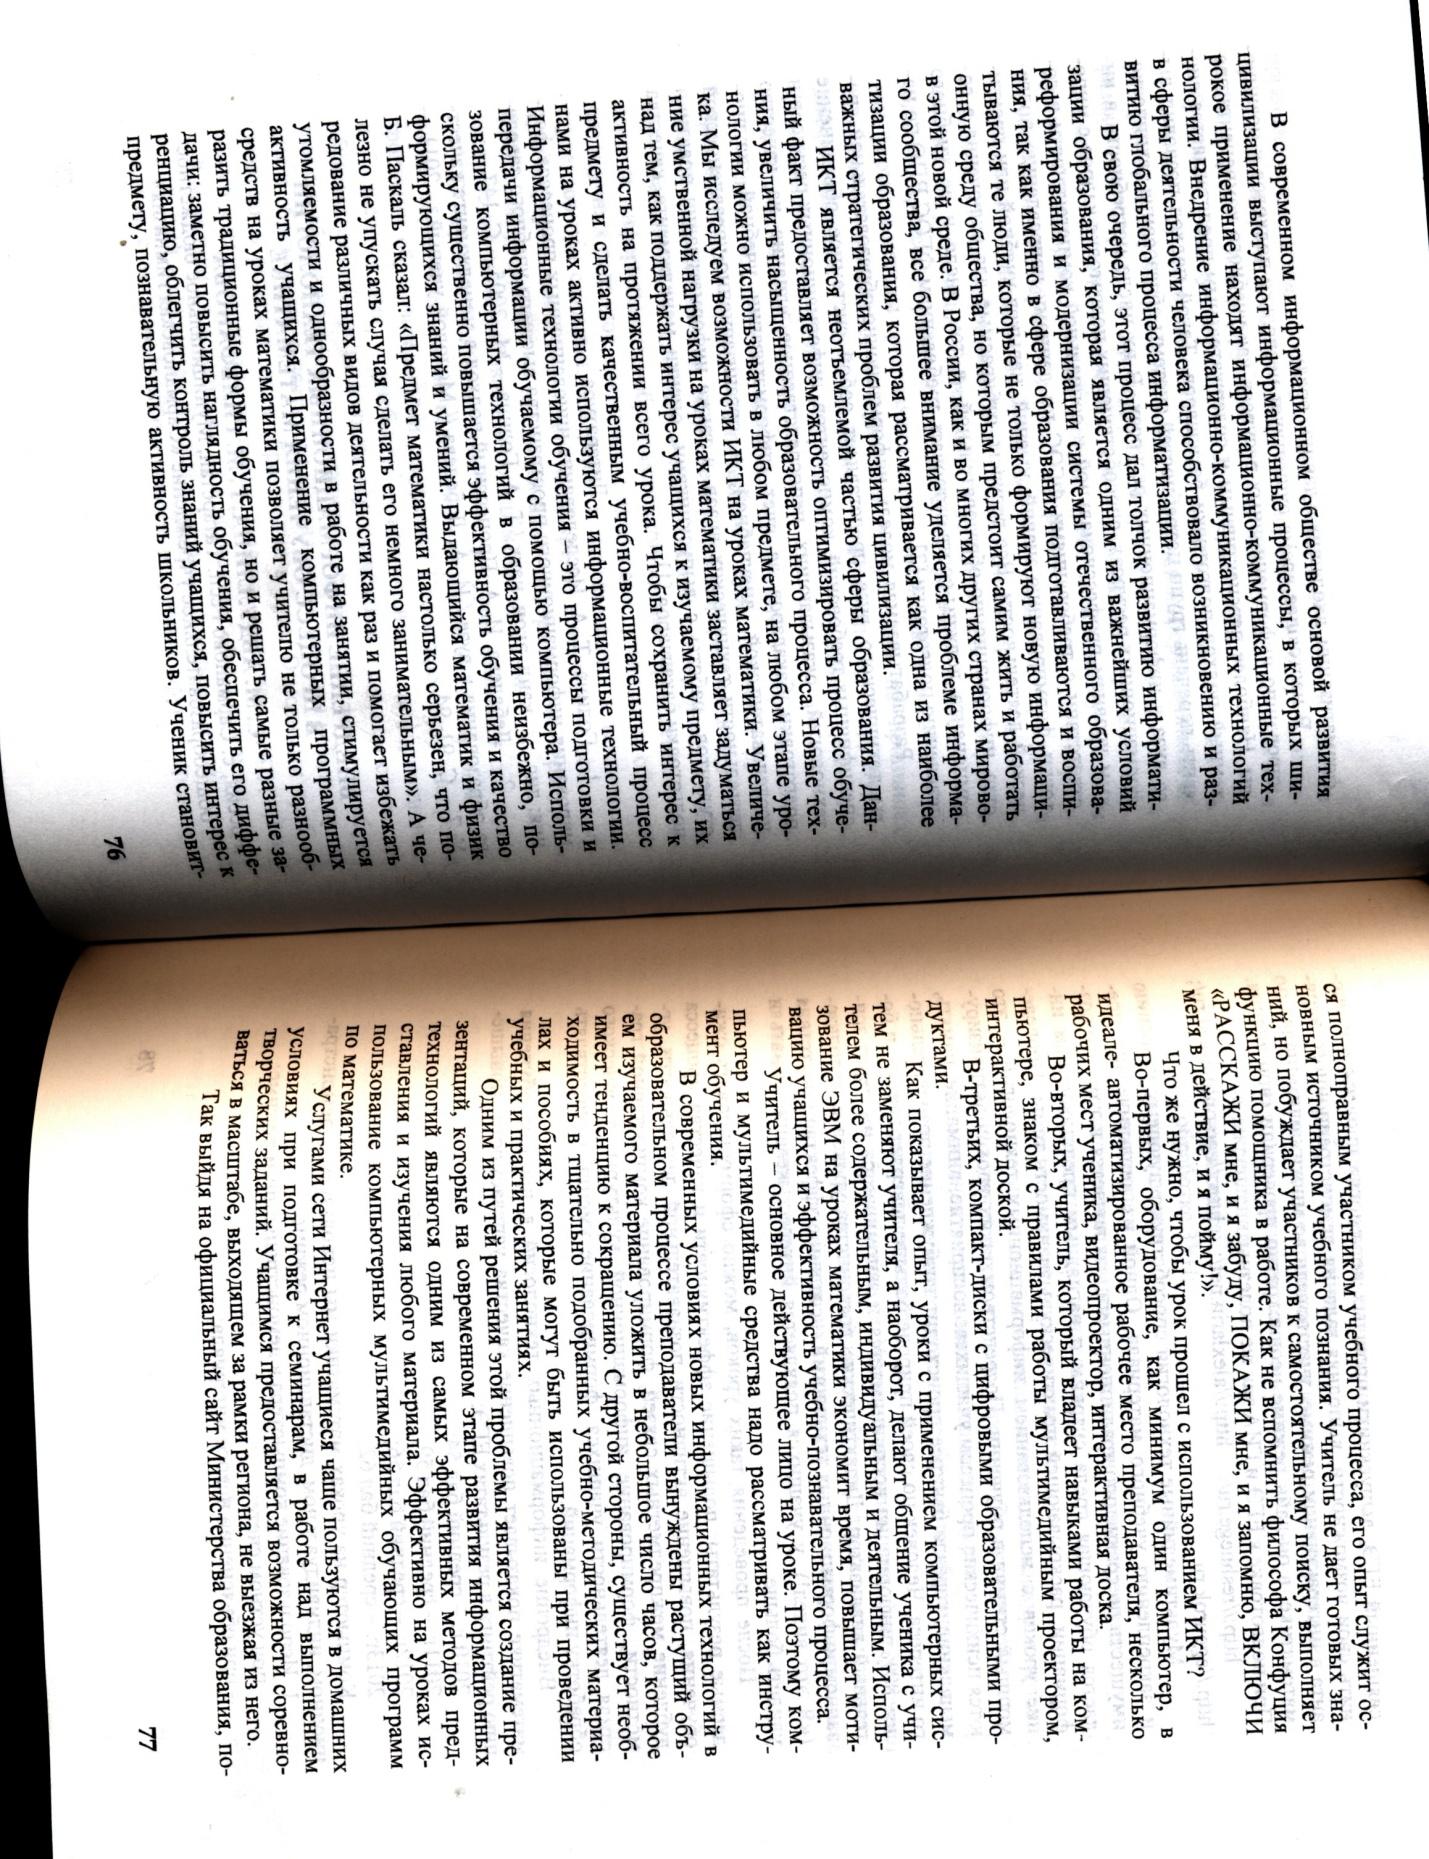 D:\Desktop\книга\сканирование0068.jpg